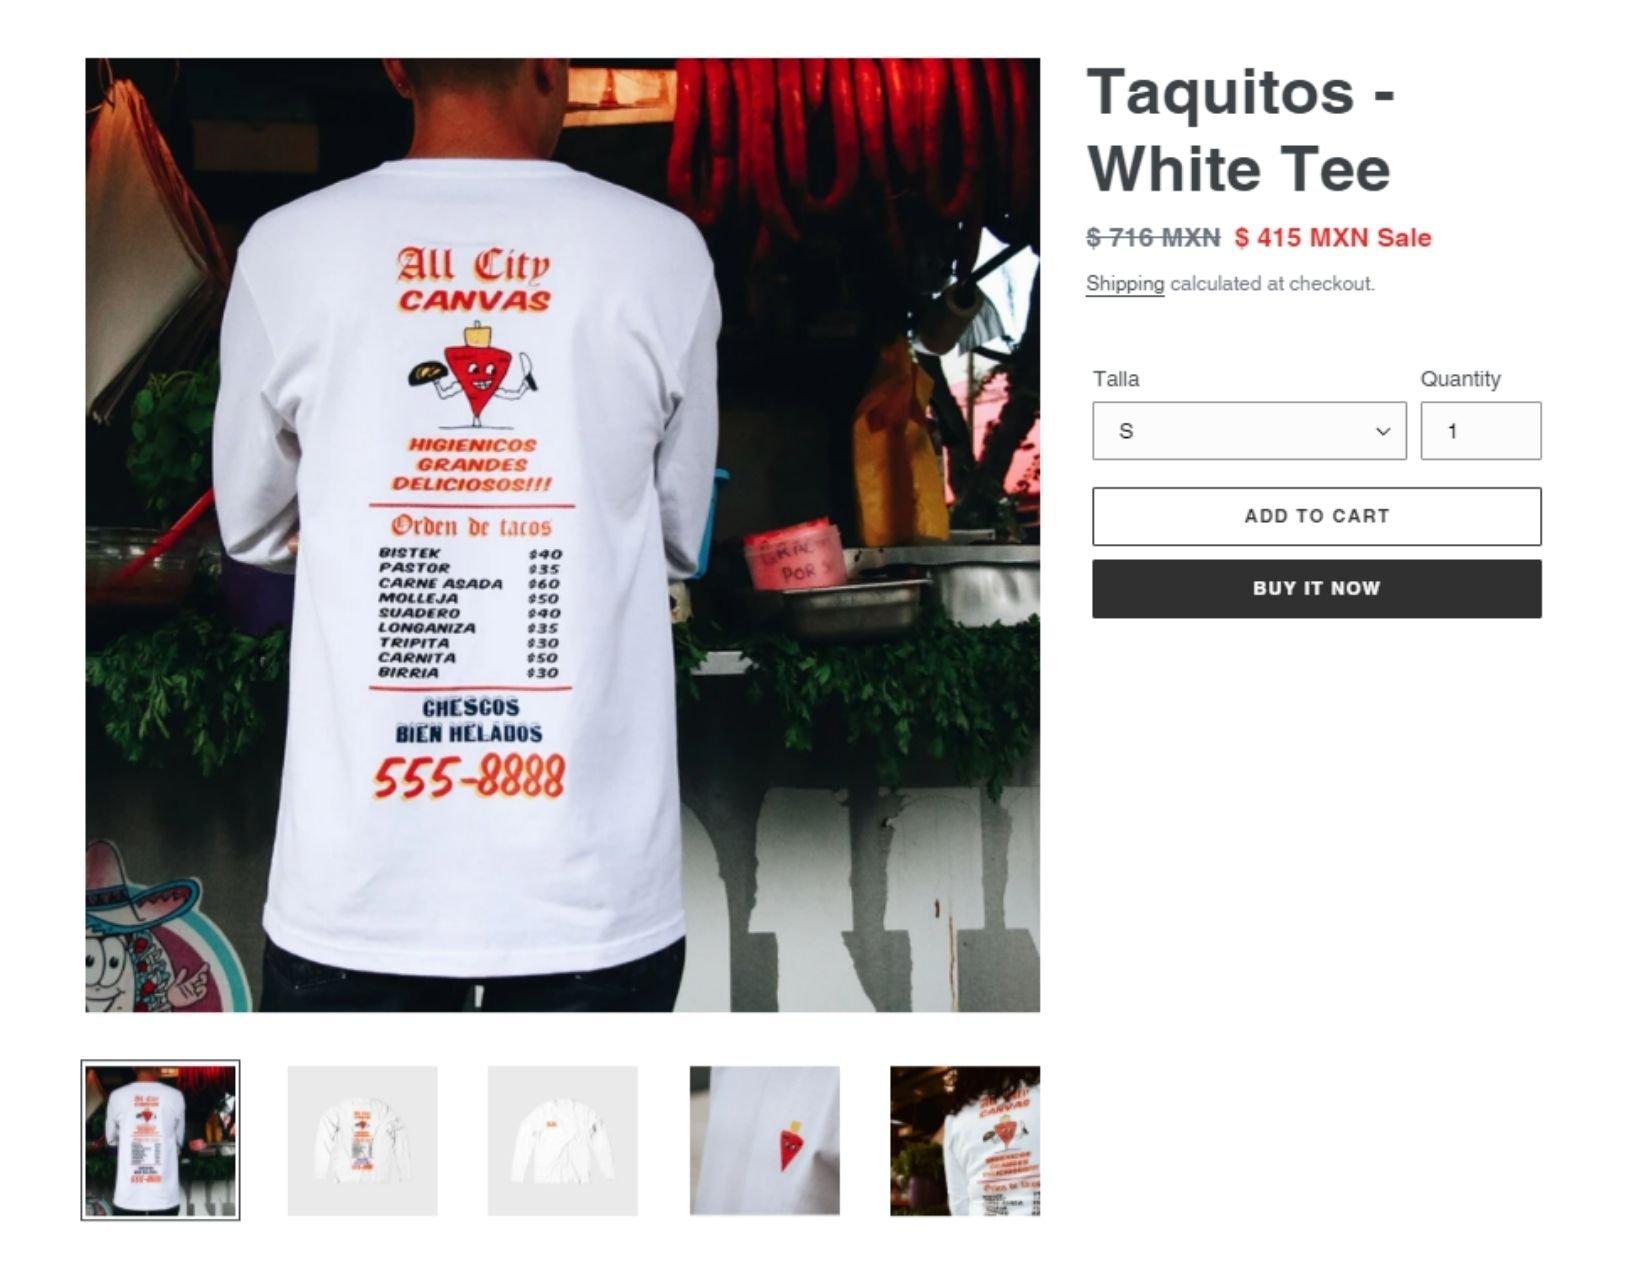 hombre de espaldas con camiseta blanca de manga larga con letras rojas y negras con un menú de tacos | Descuentos para el Buen Fin 2020